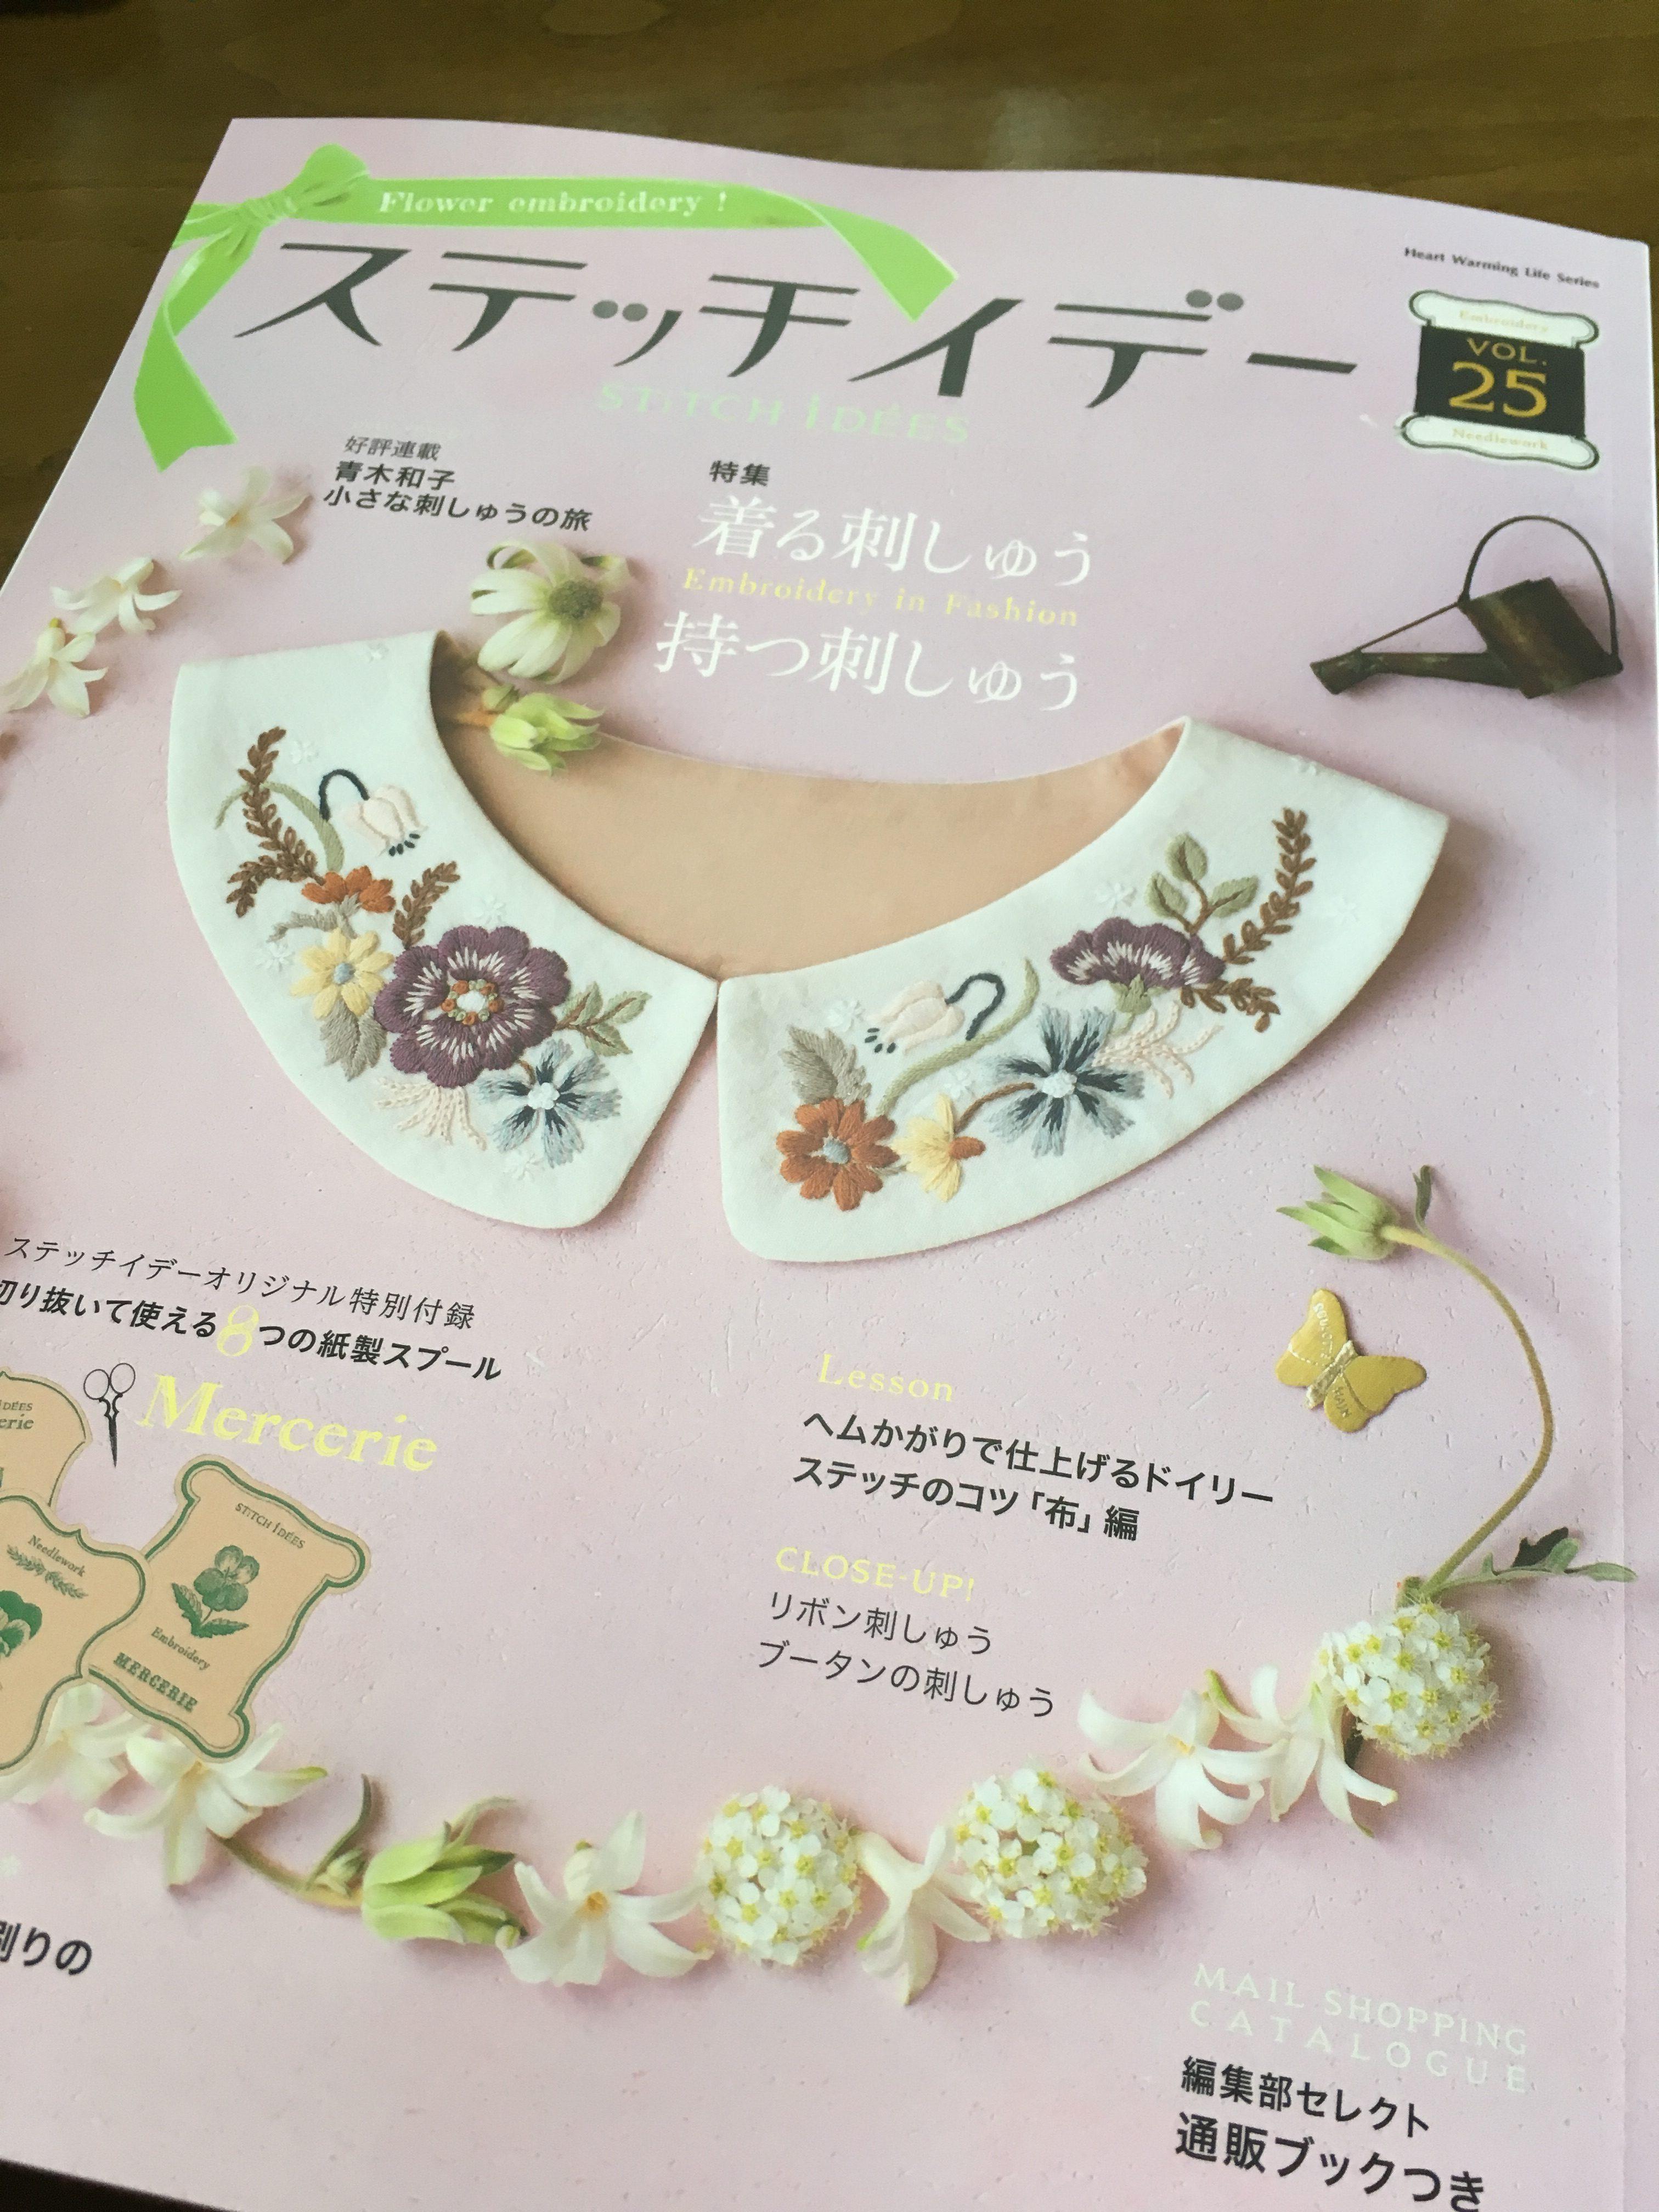 「ステッチイデーvol.25」日本ヴォーグ社さんの刺繍雑誌が発売されました。